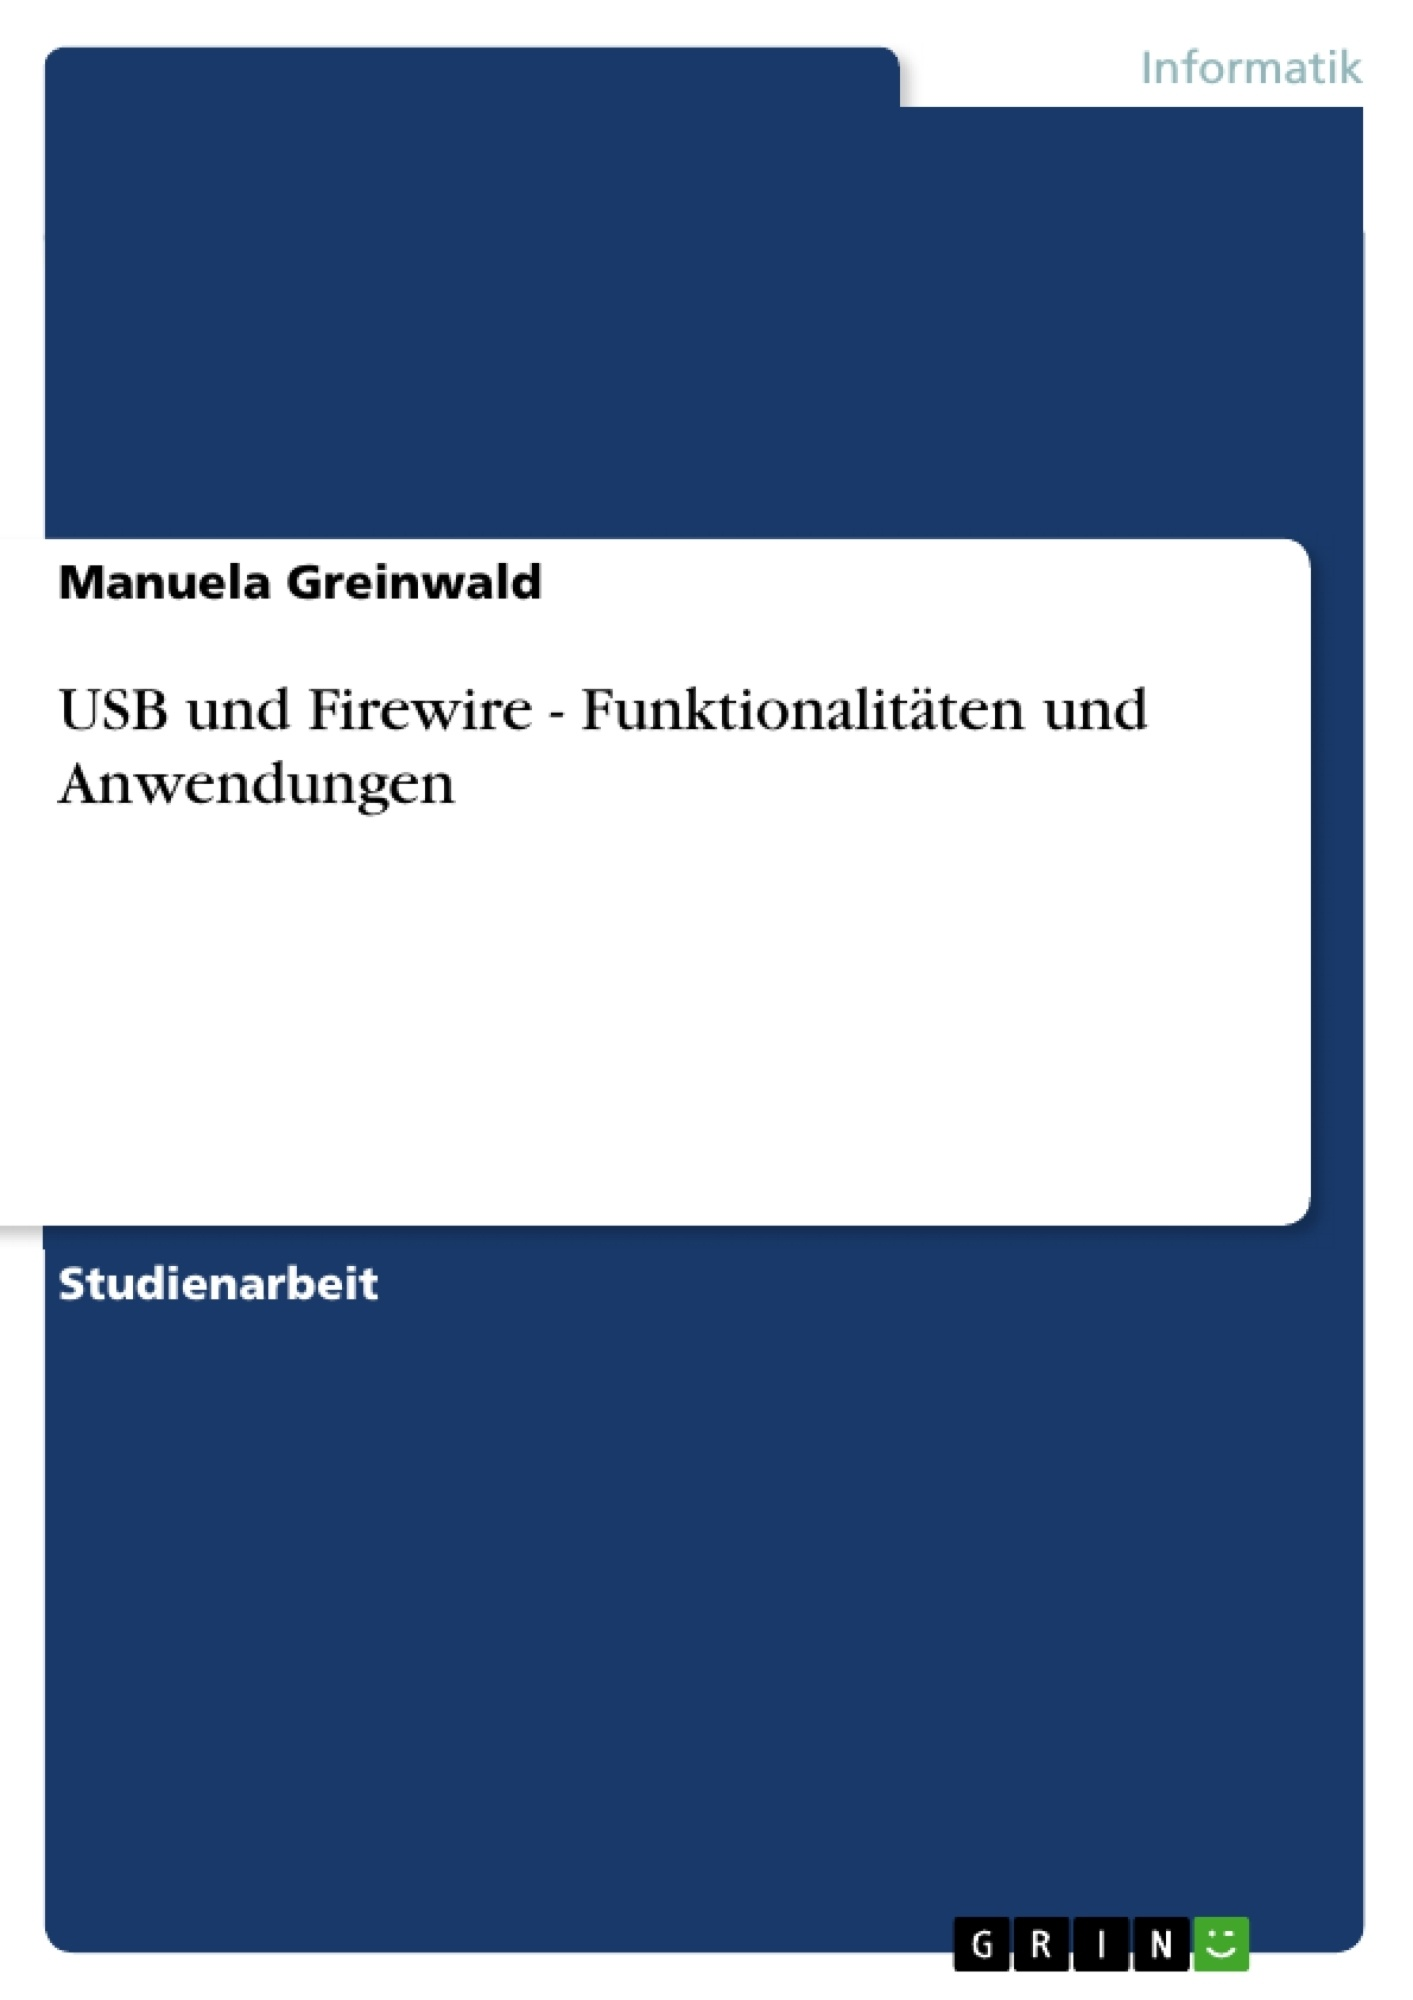 USB und Firewire - Funktionalitäten und Anwendungen | Masterarbeit ...